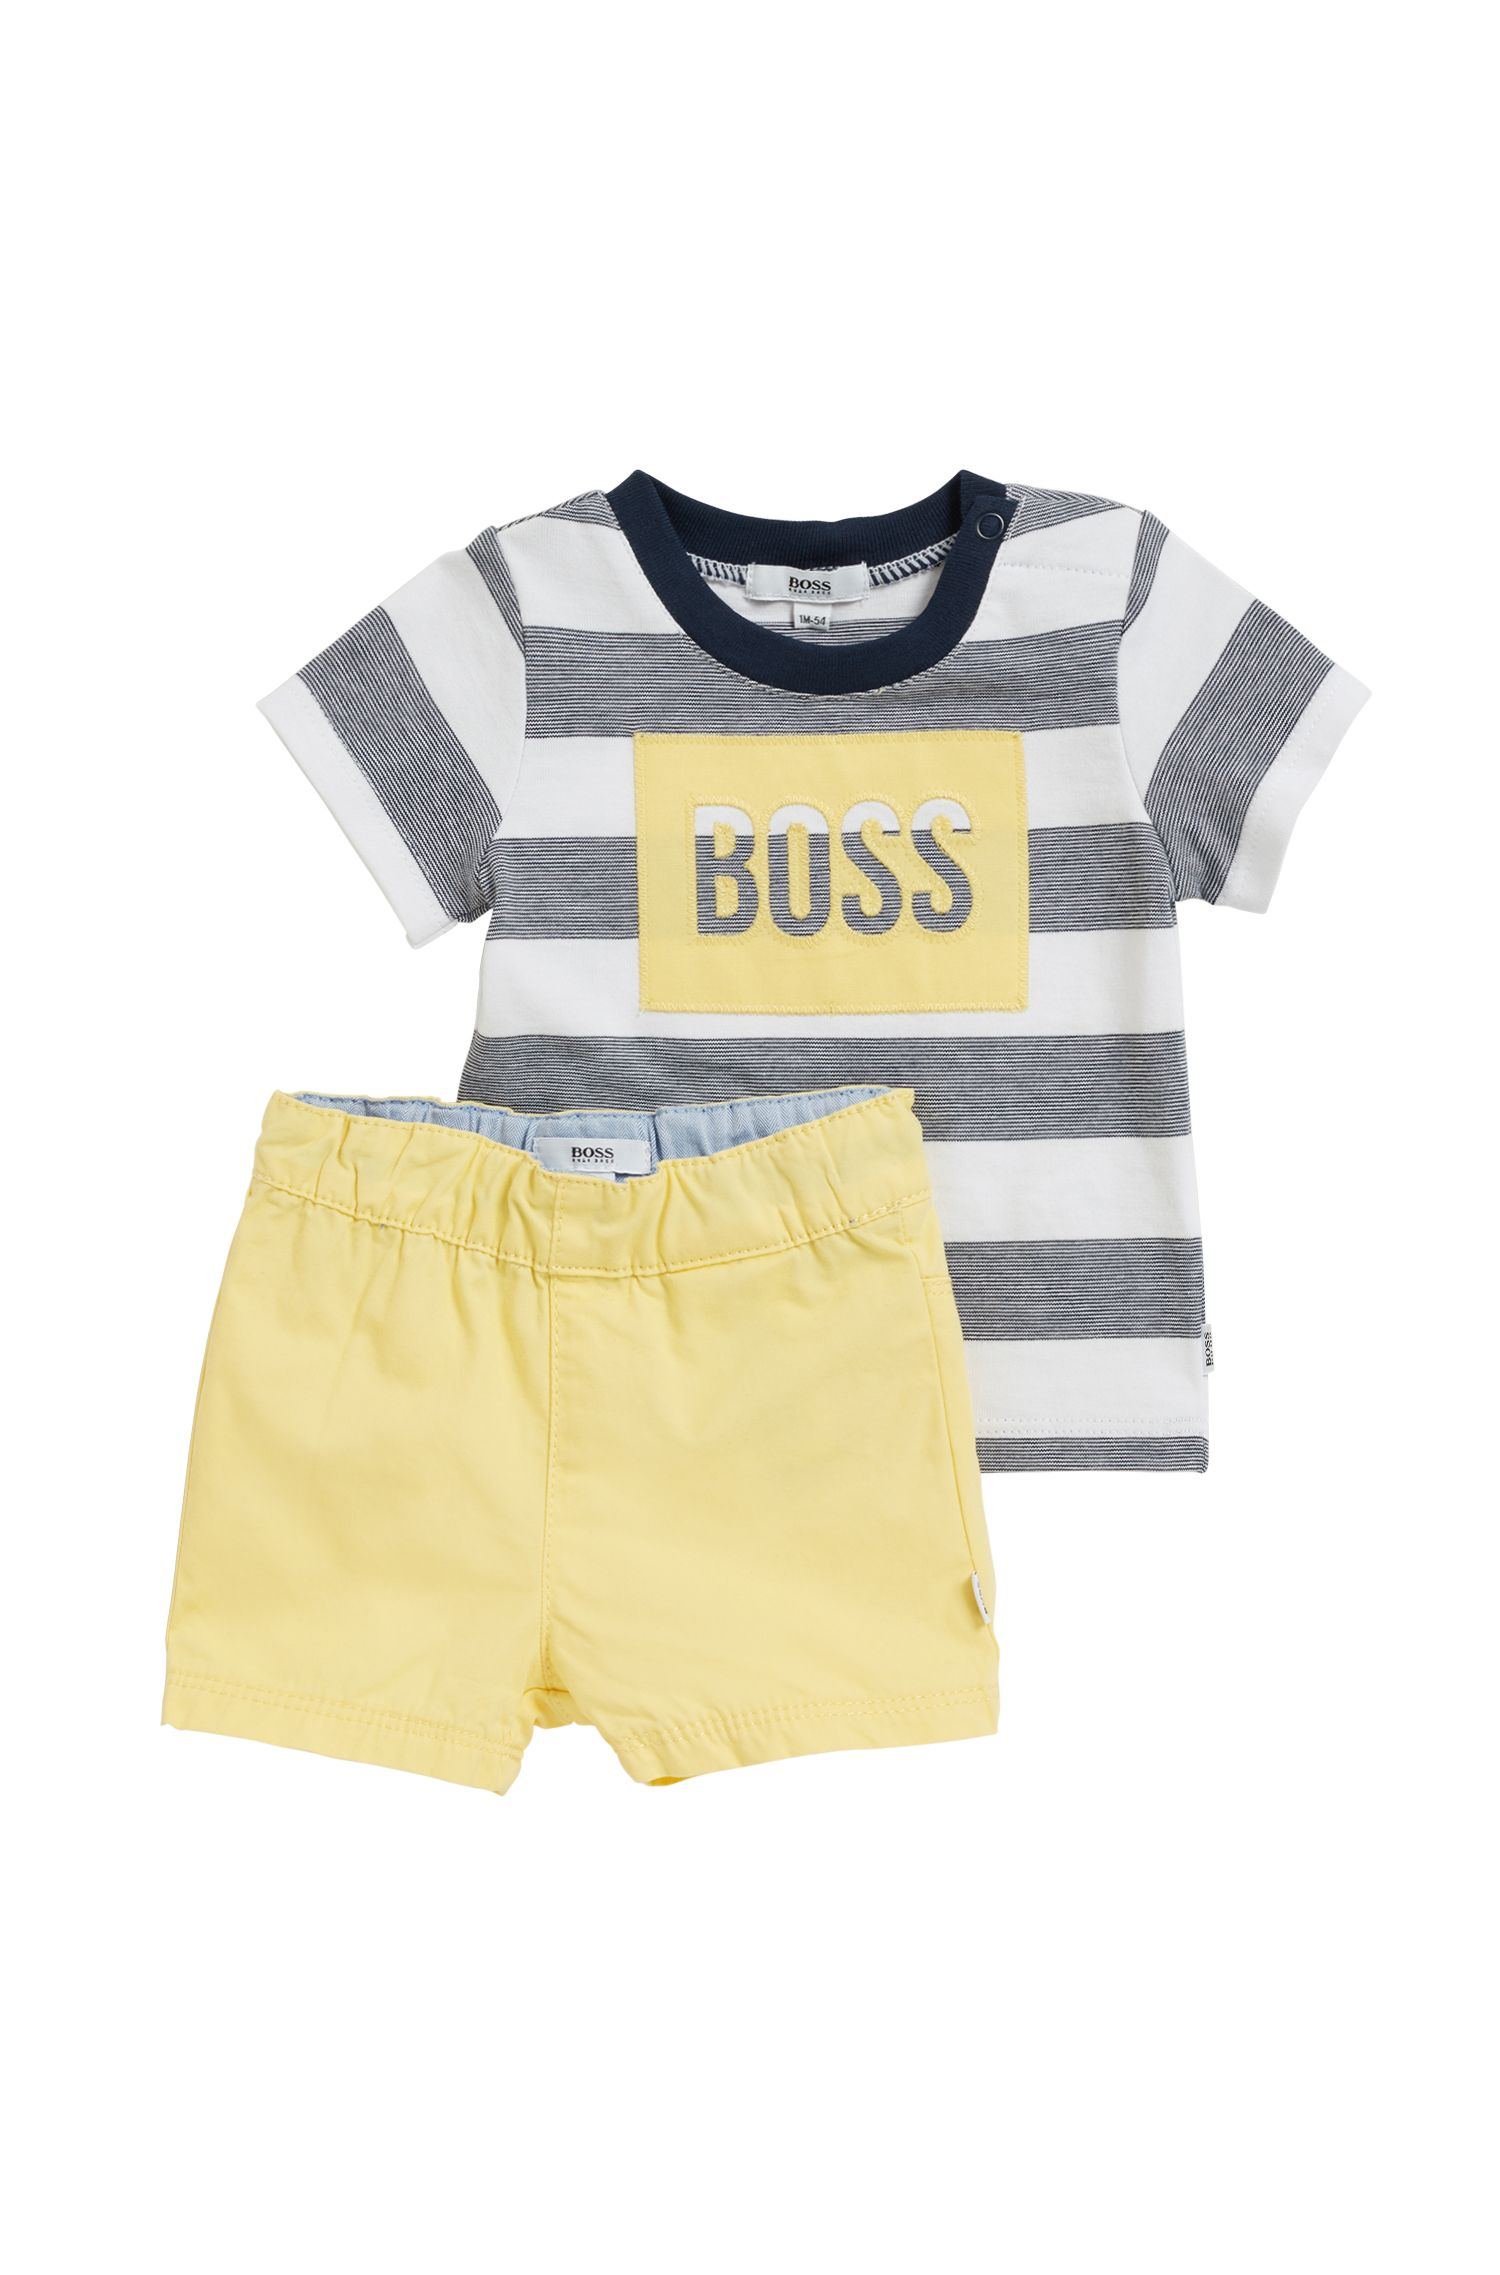 Ensemble t-shirt et short en pur coton pour bébé, Fantaisie